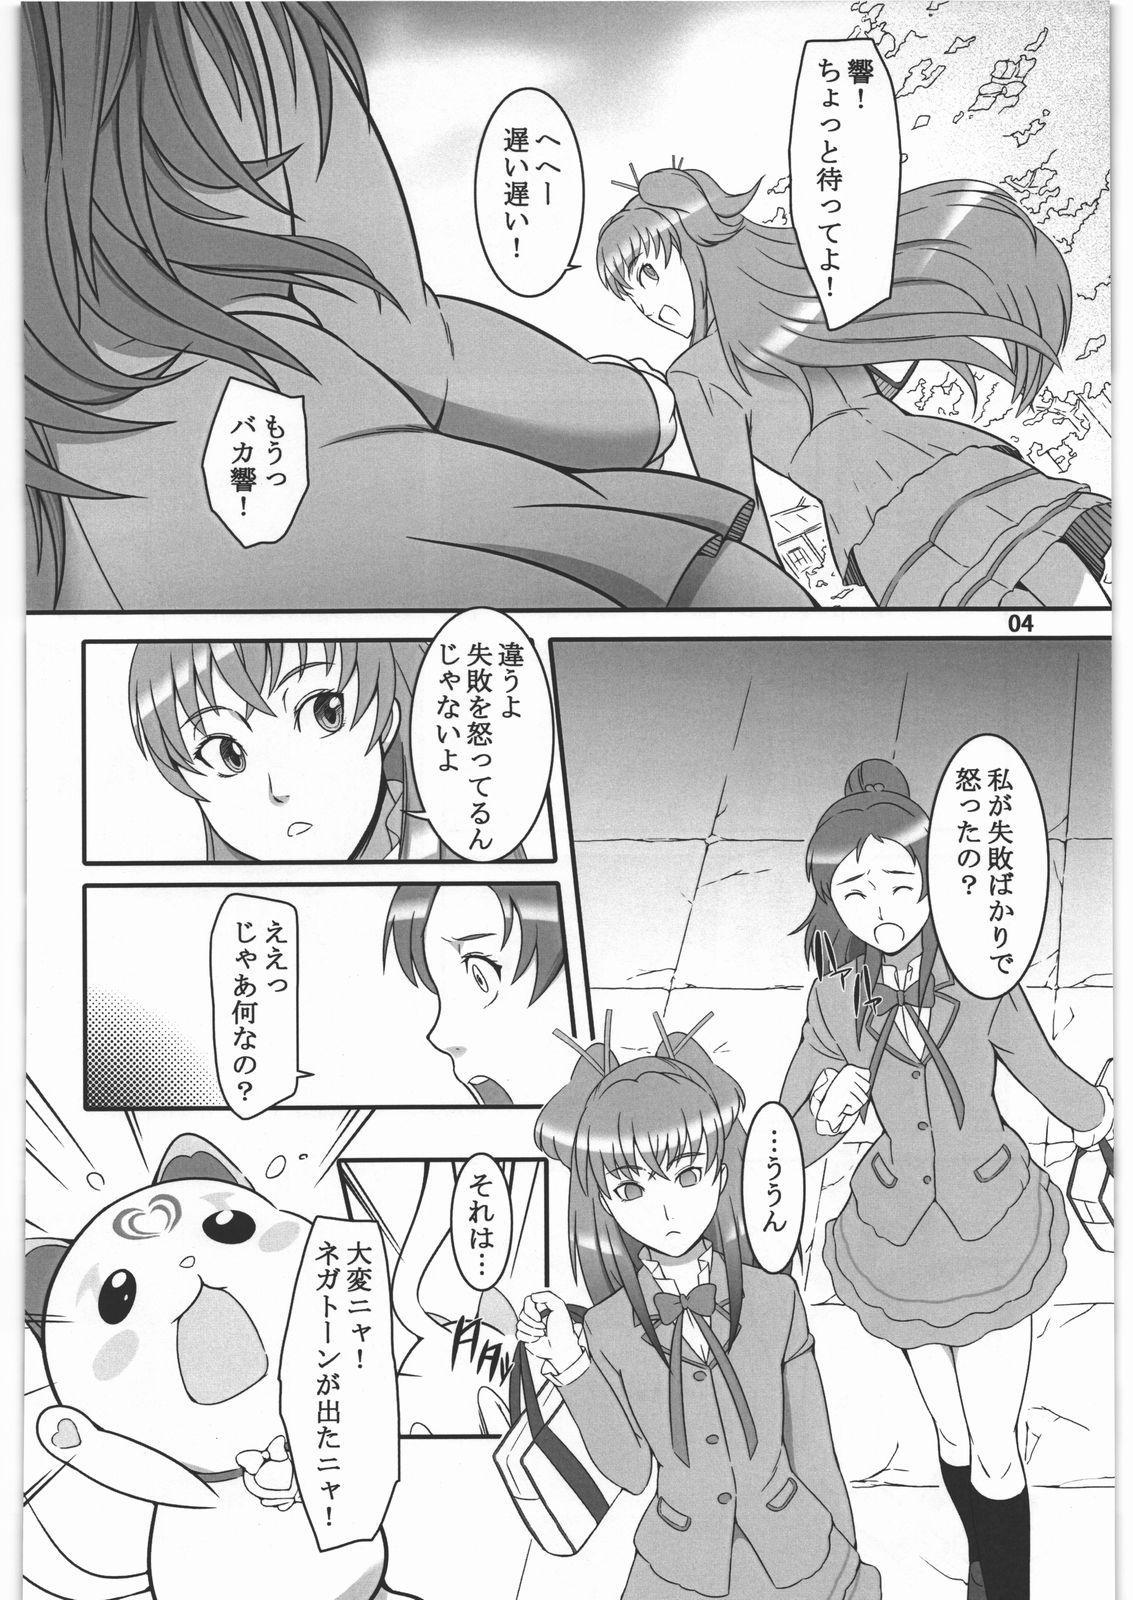 Shichinenme no Uwaki 2